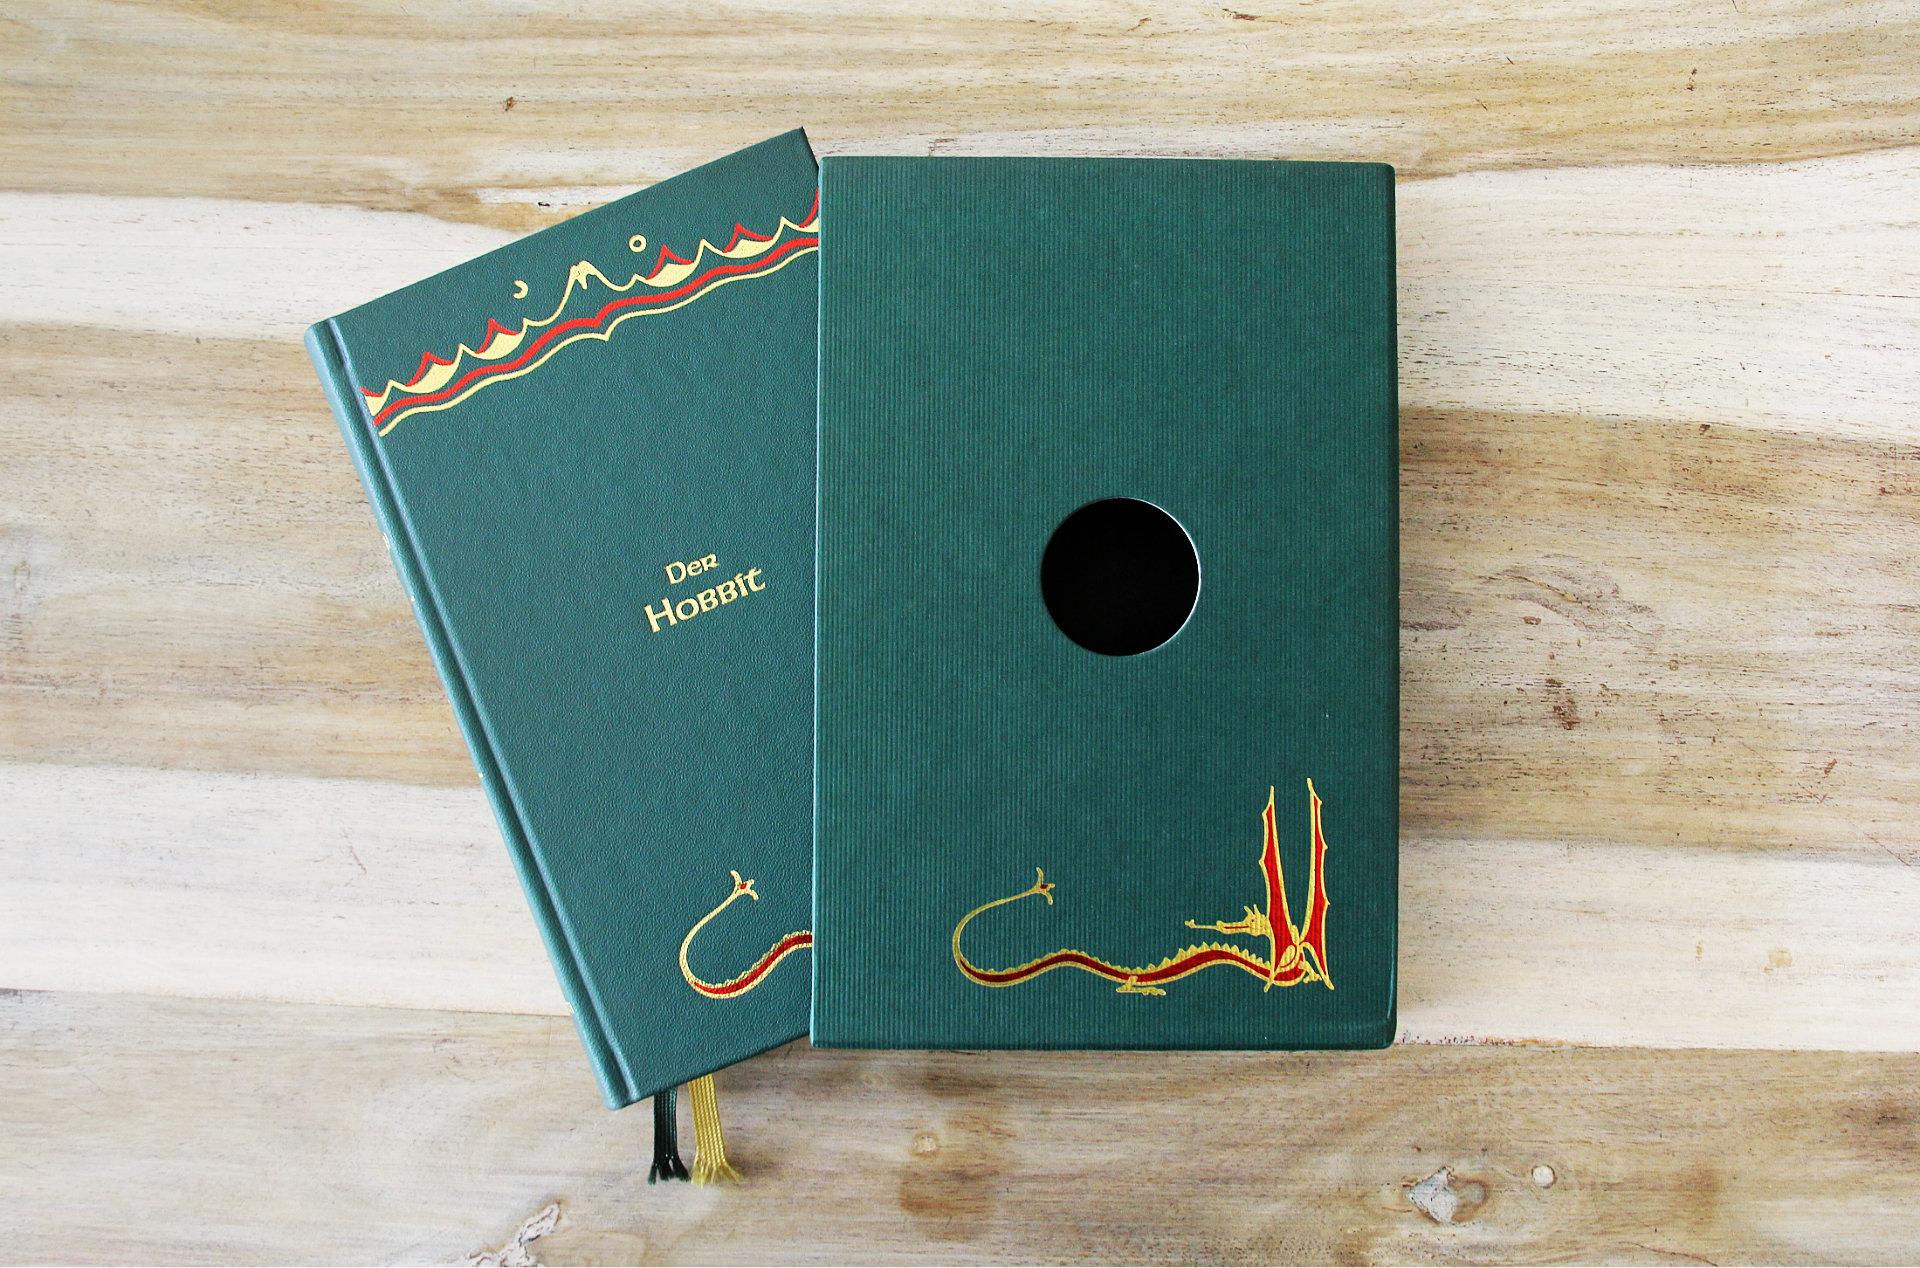 Der Hobbit • J. R. R. Tolkien